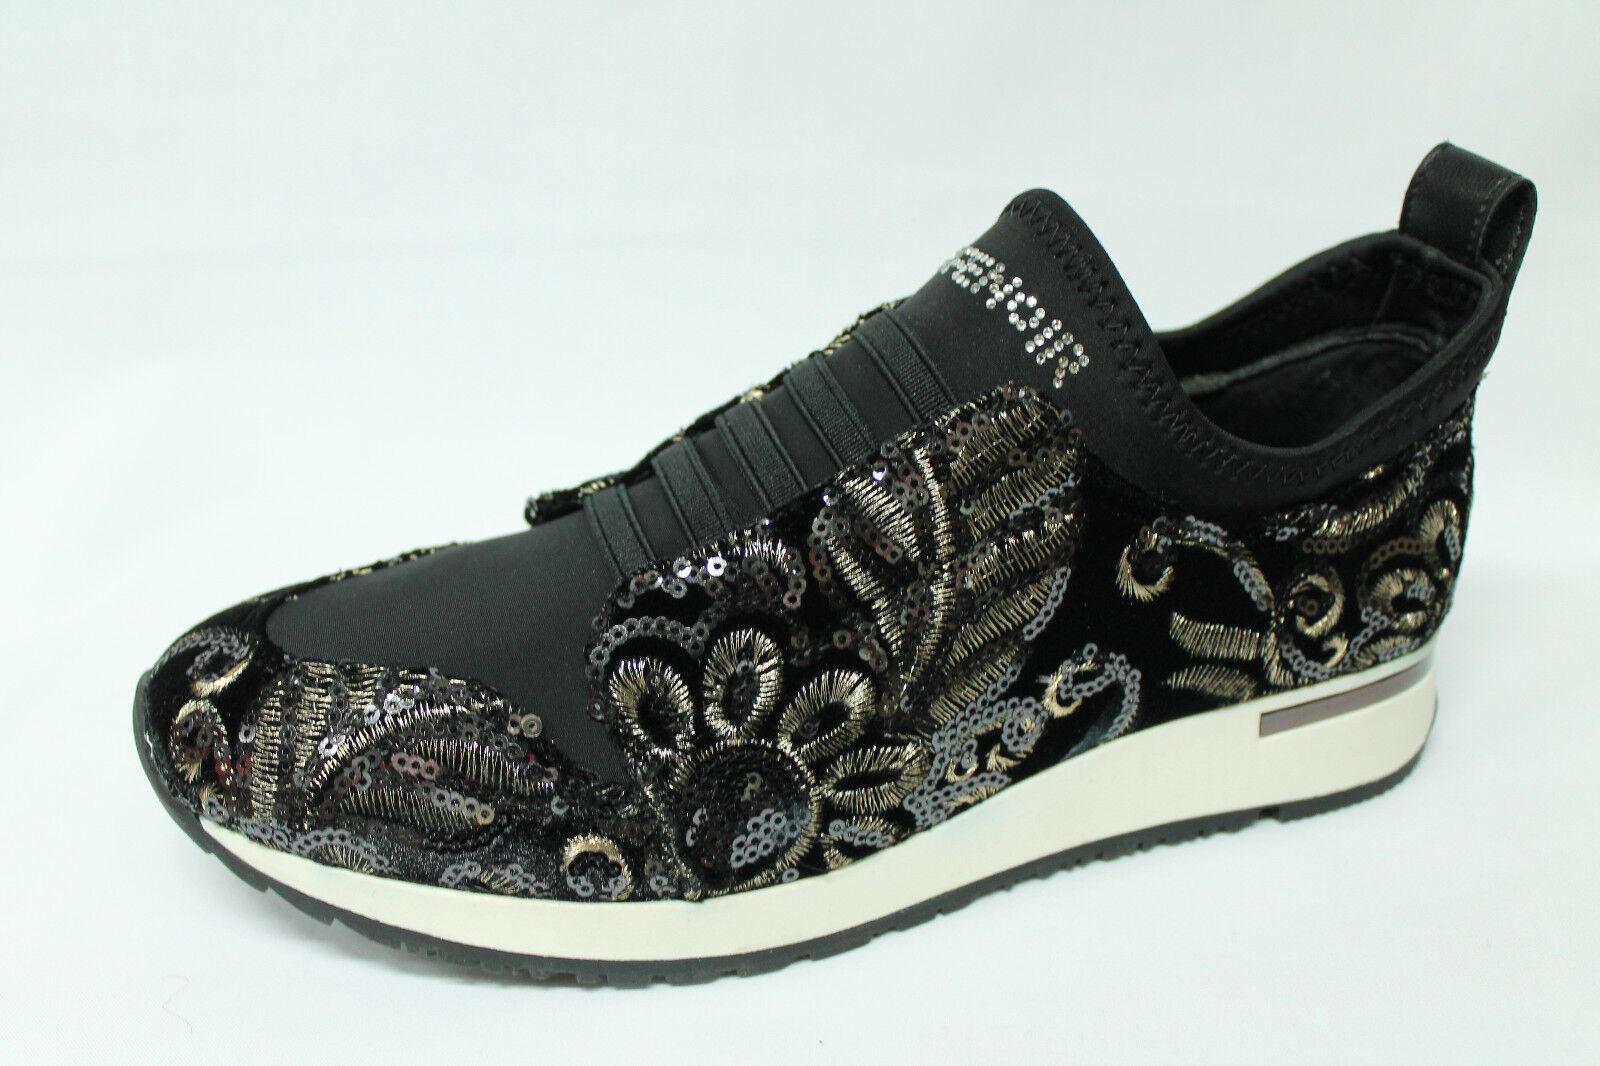 Schuhe sneakers Café Noir LDL901 nero damascato paillettes listino - 30%